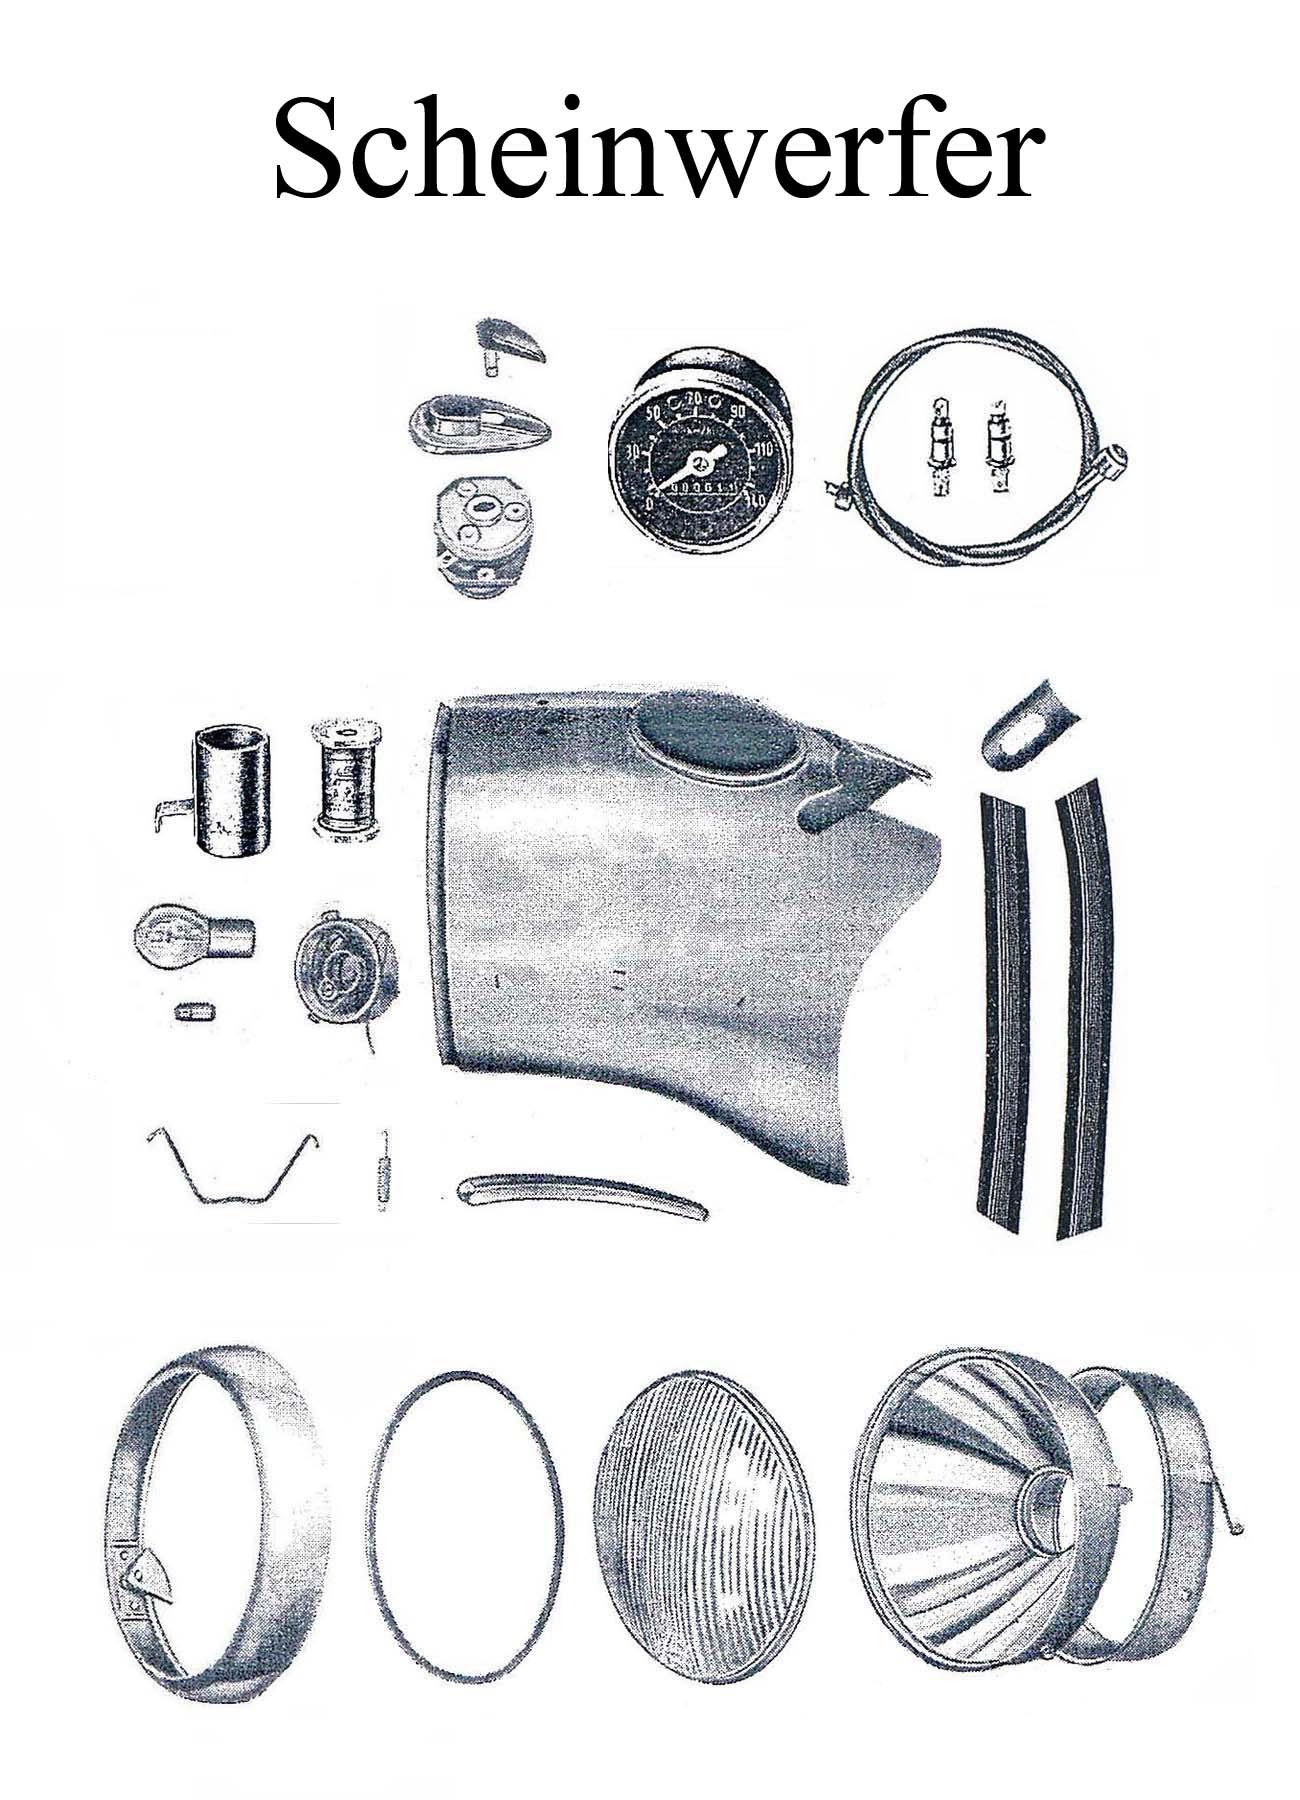 DDR-Motorrad MZ ES 175-250/0-1 Ersatzteileliste Scheinwerfer Lampe Reflektor Dichtgummi Tachometer Chromring Zündschloßabdeckung Keder Gummi